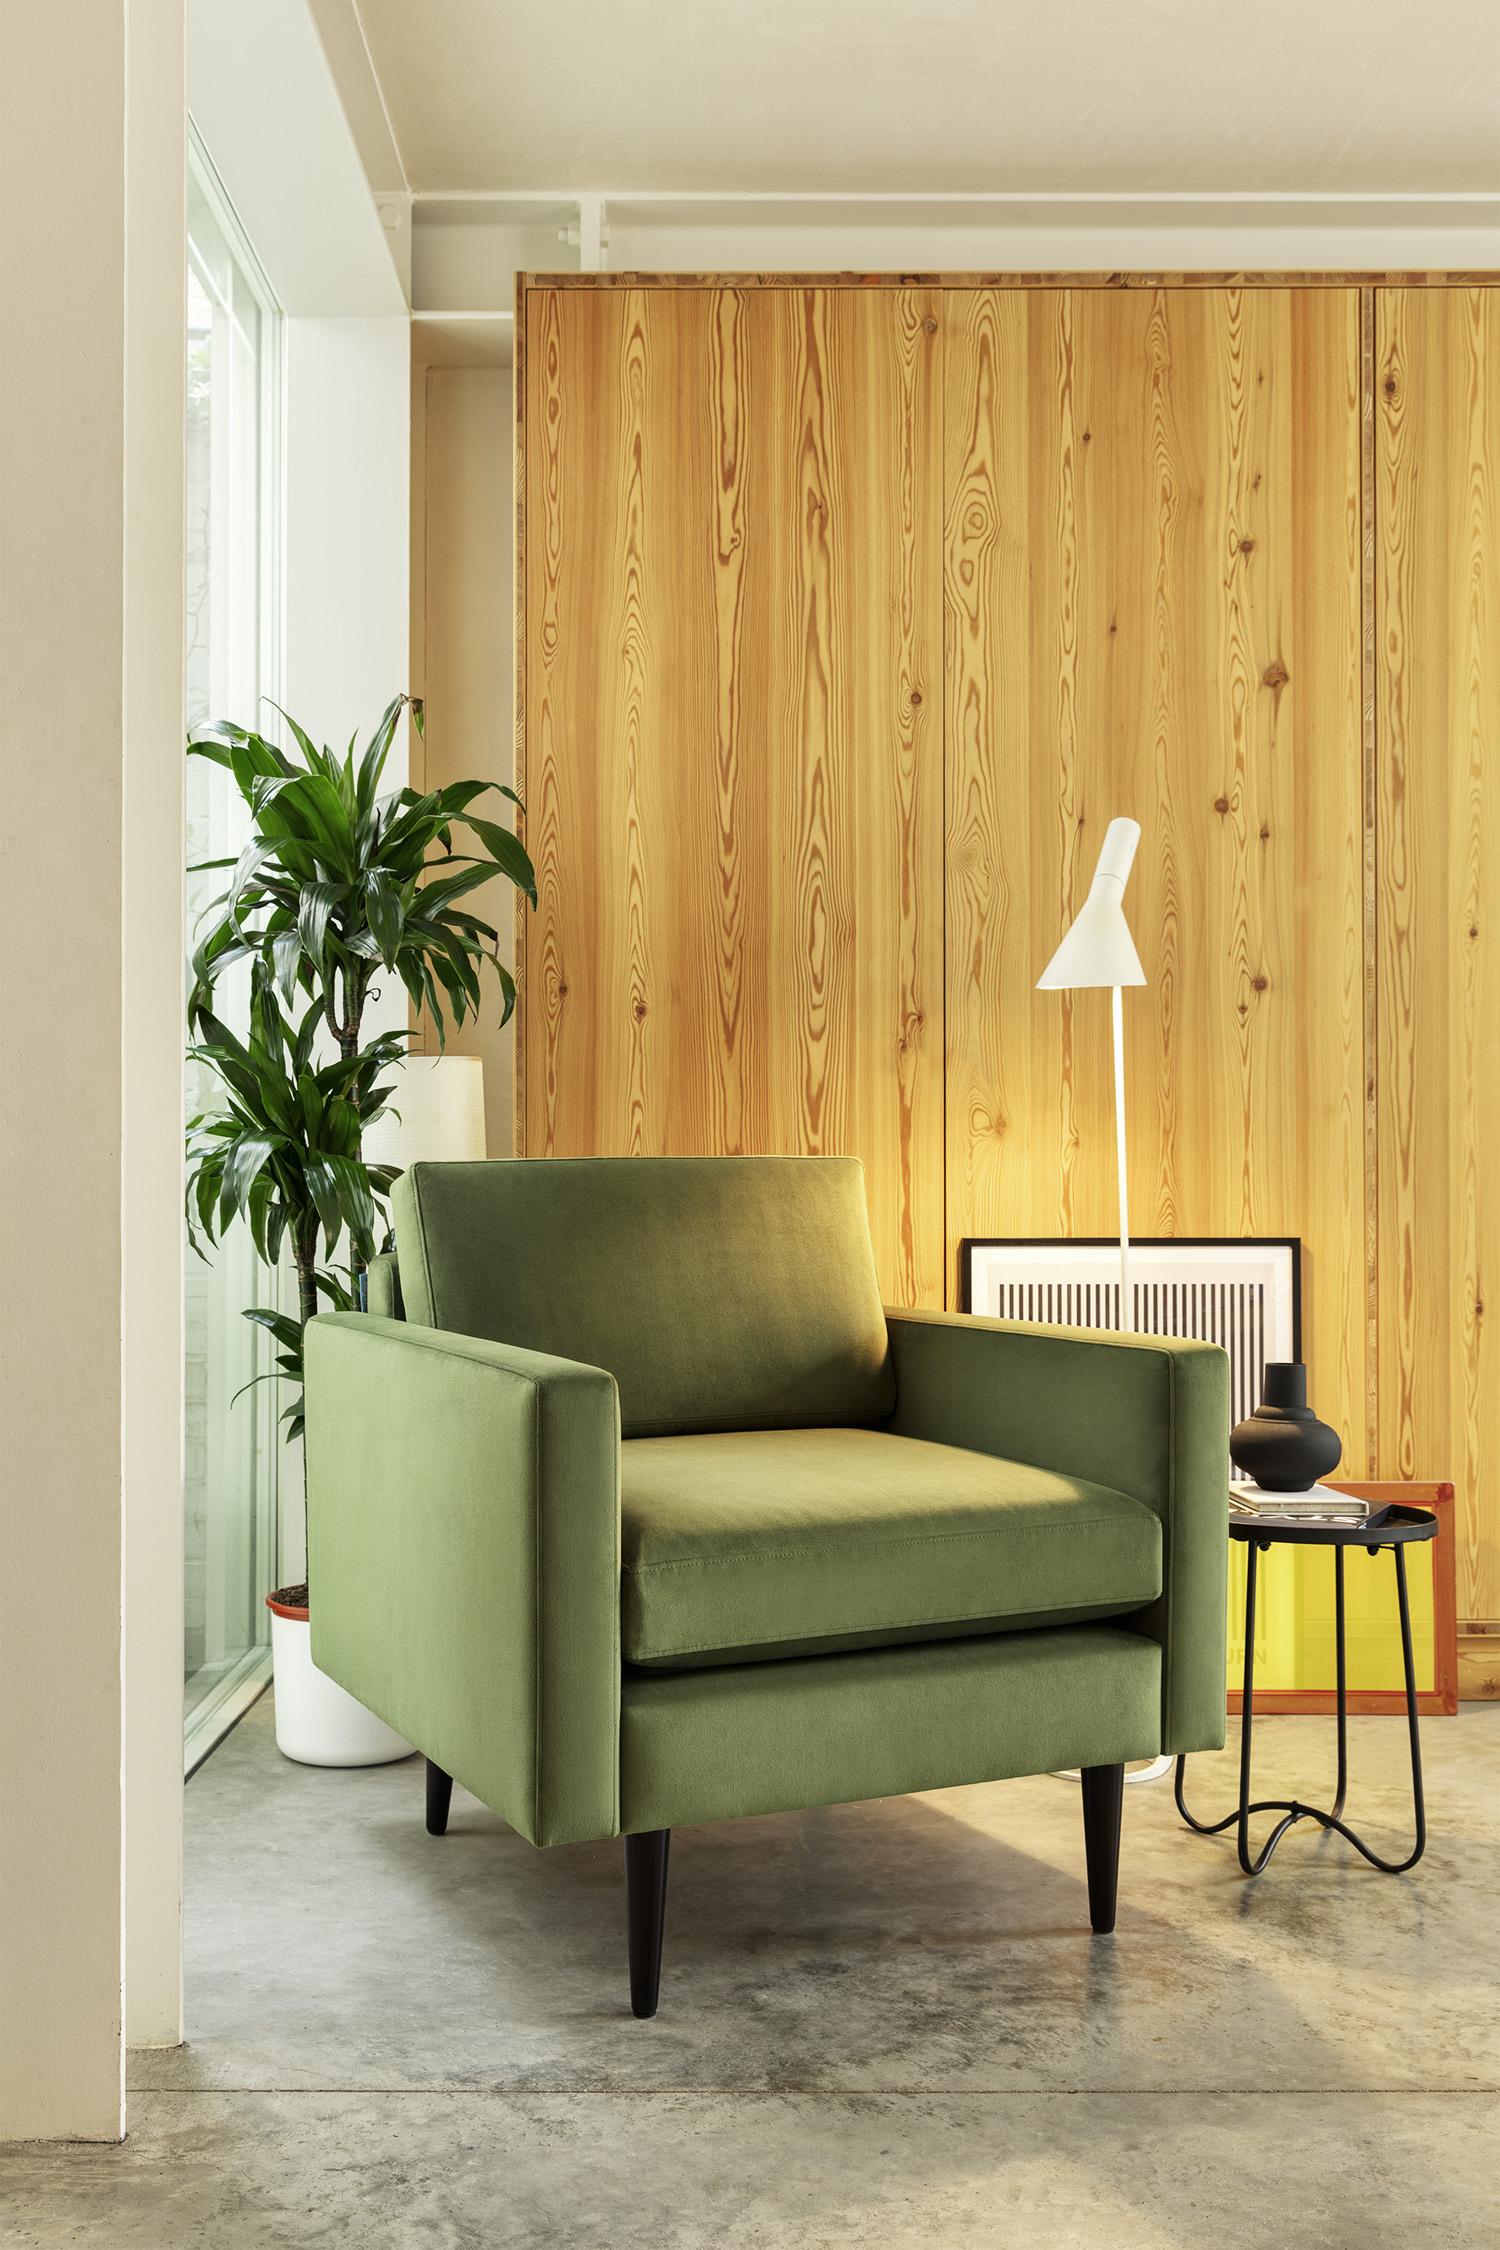 Model 01 Armchair in Vine Velvet